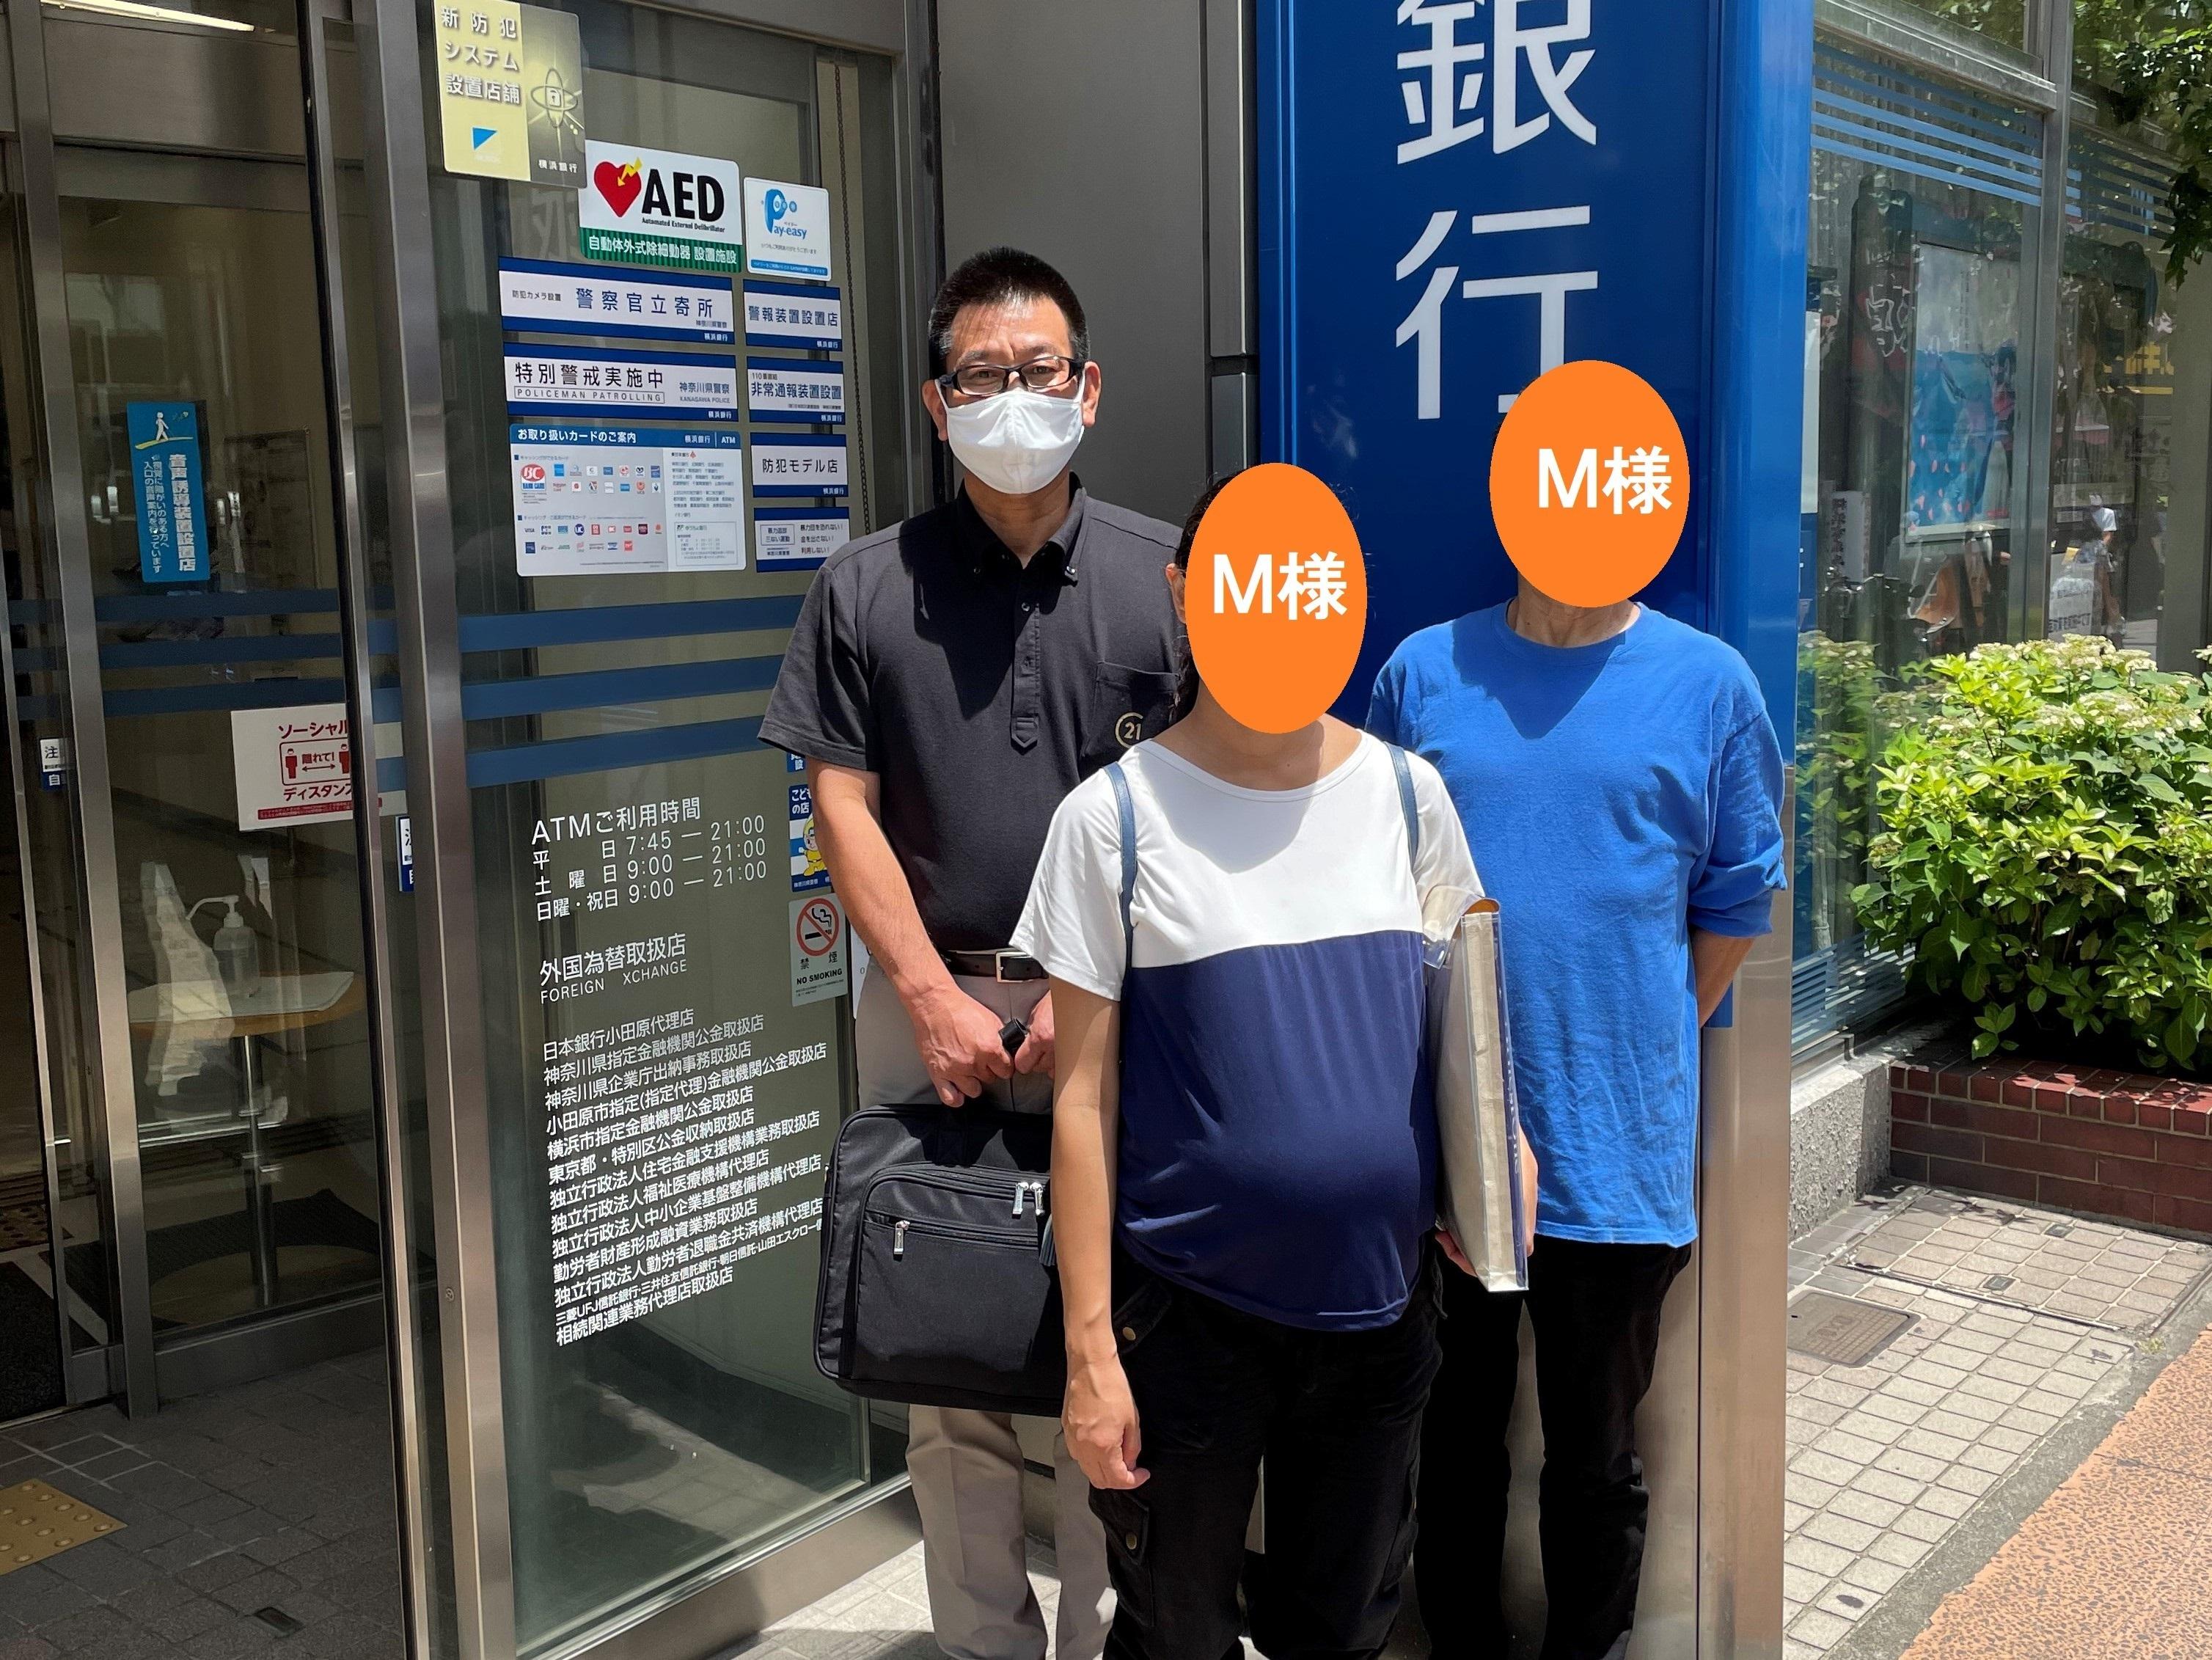 小田原市 M.T様